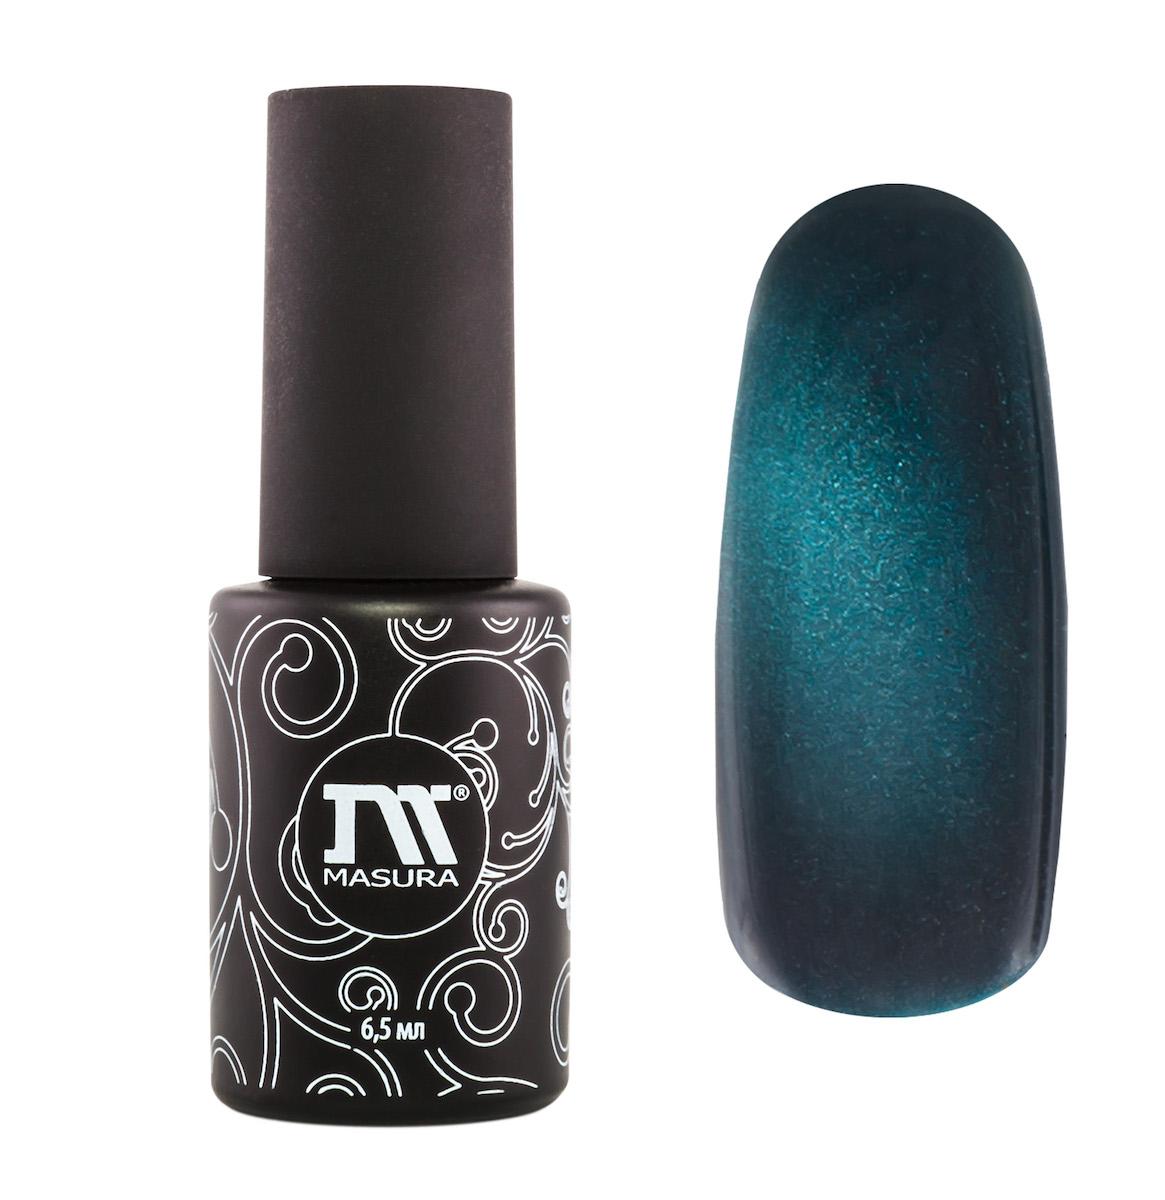 Masura Гель-лак Французская Тиара, 6,5 мл295-11бирюзовый с голубым подтоном, с зеркальным переливом, плотный